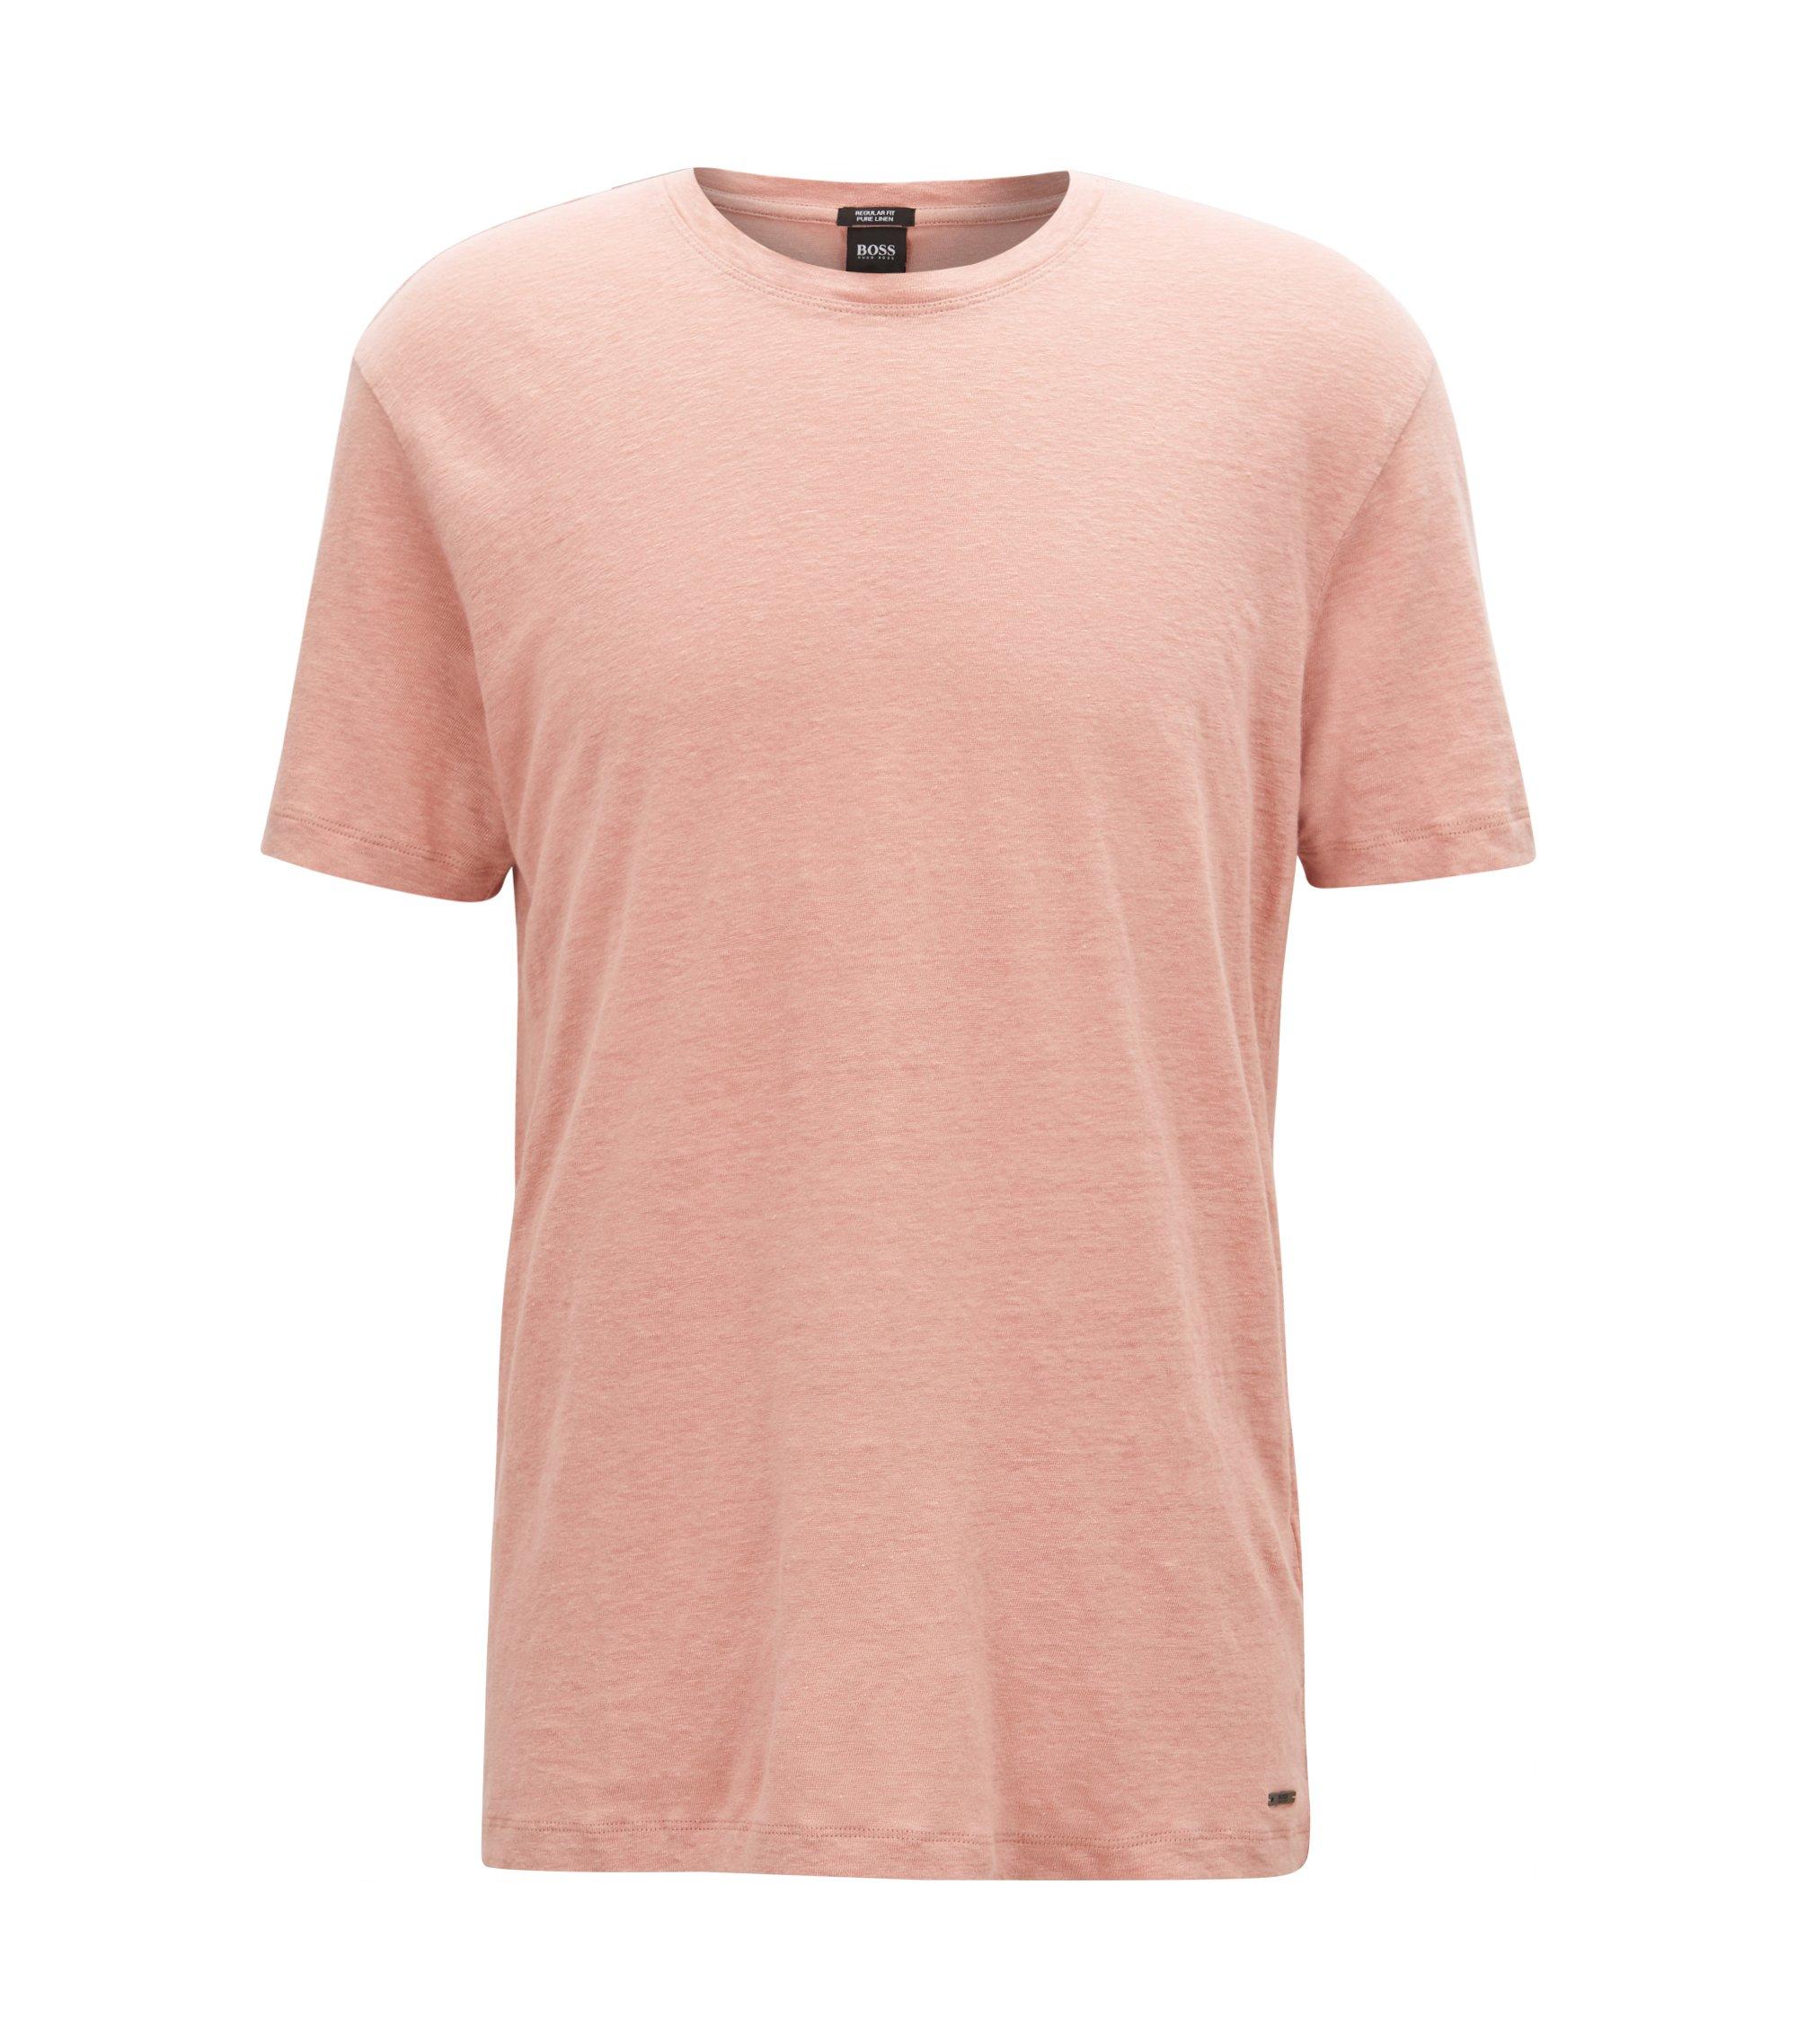 T-shirt met ronde hals van linnen single jersey, lichtrood